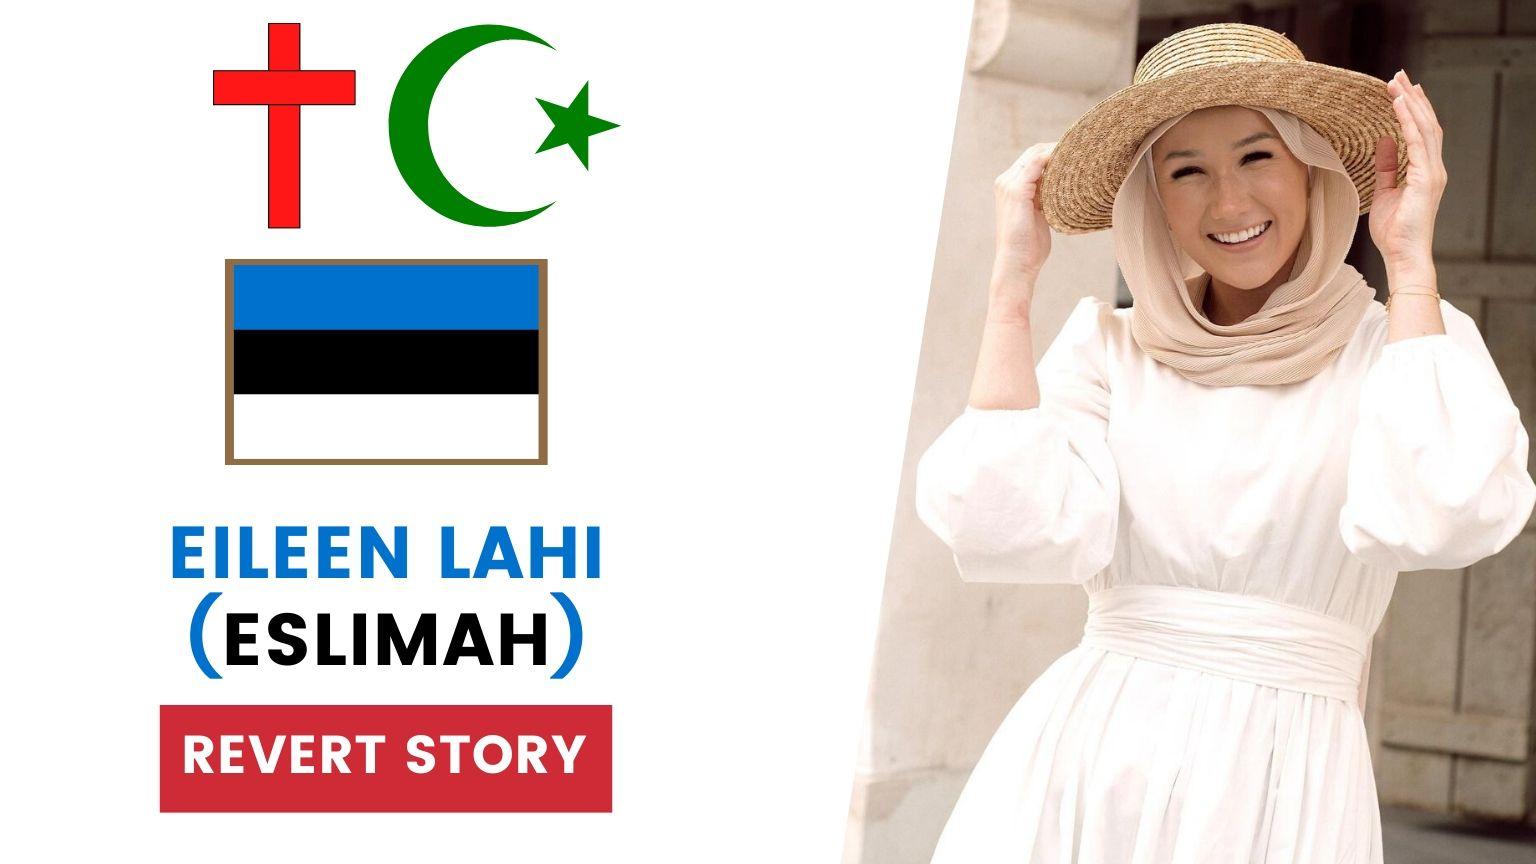 Eileen Lahi – Eslimah's Revert Story 🧕